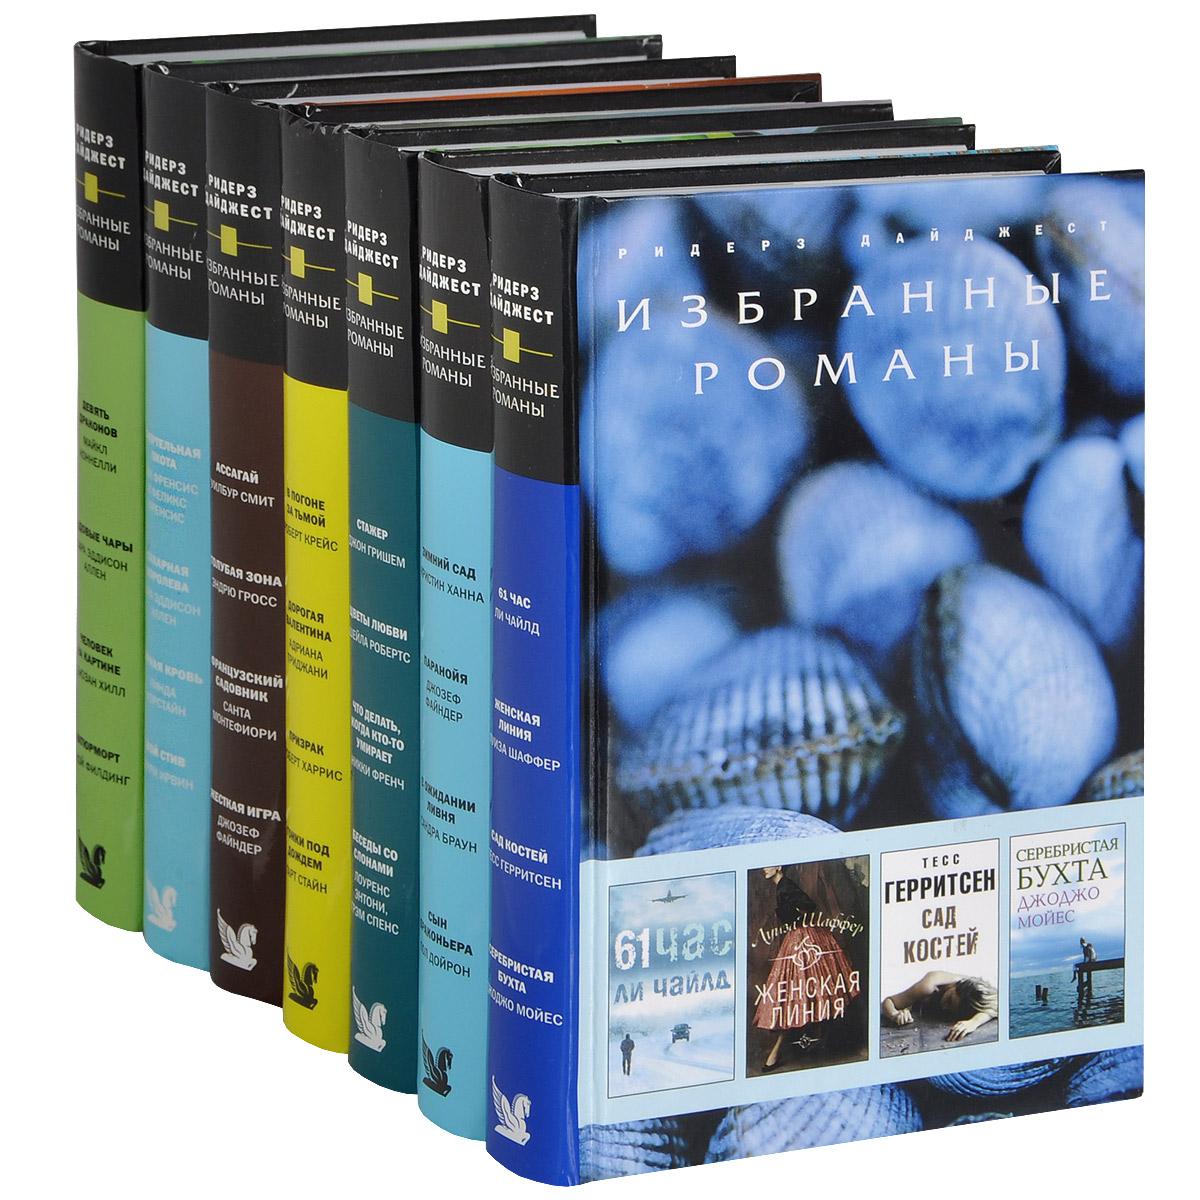 Окружающий мир 3 класс вахрушева учебник 1 часть читать онлайн